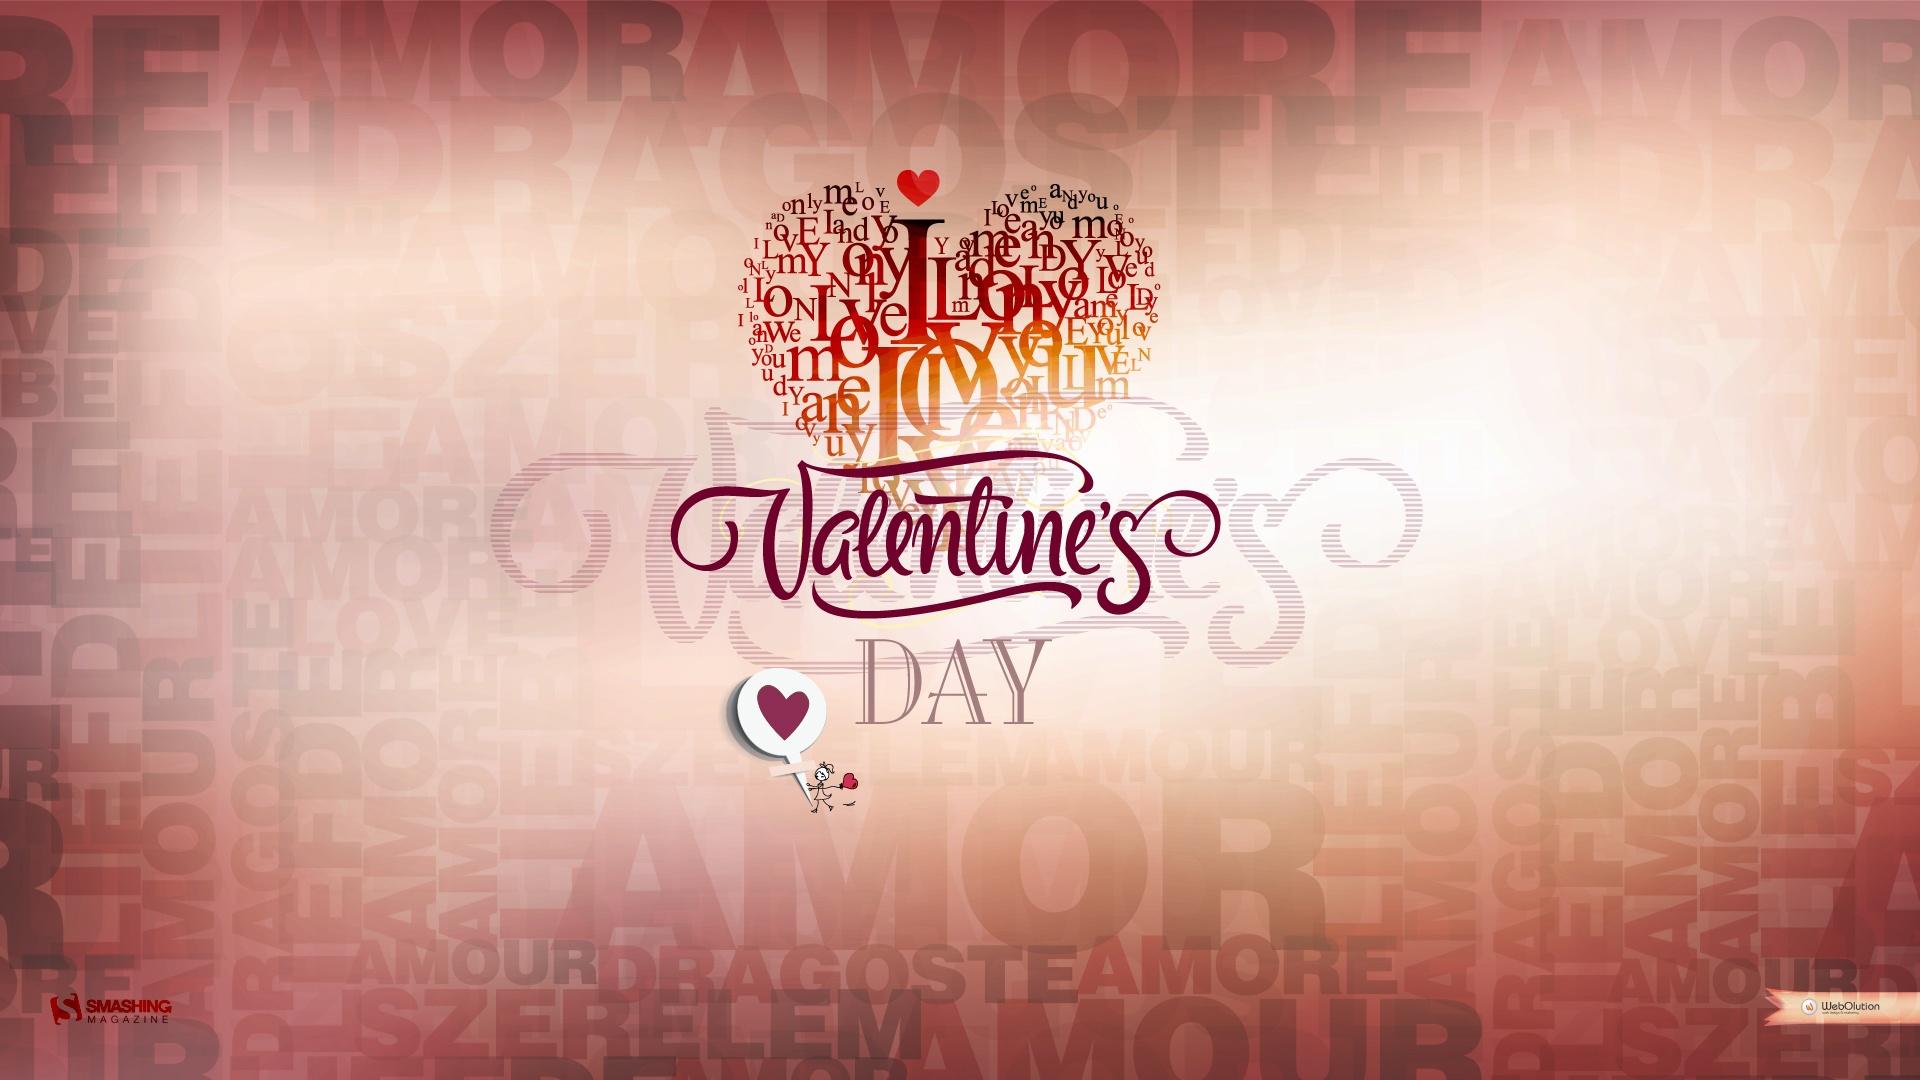 Valentine's Day HD Background